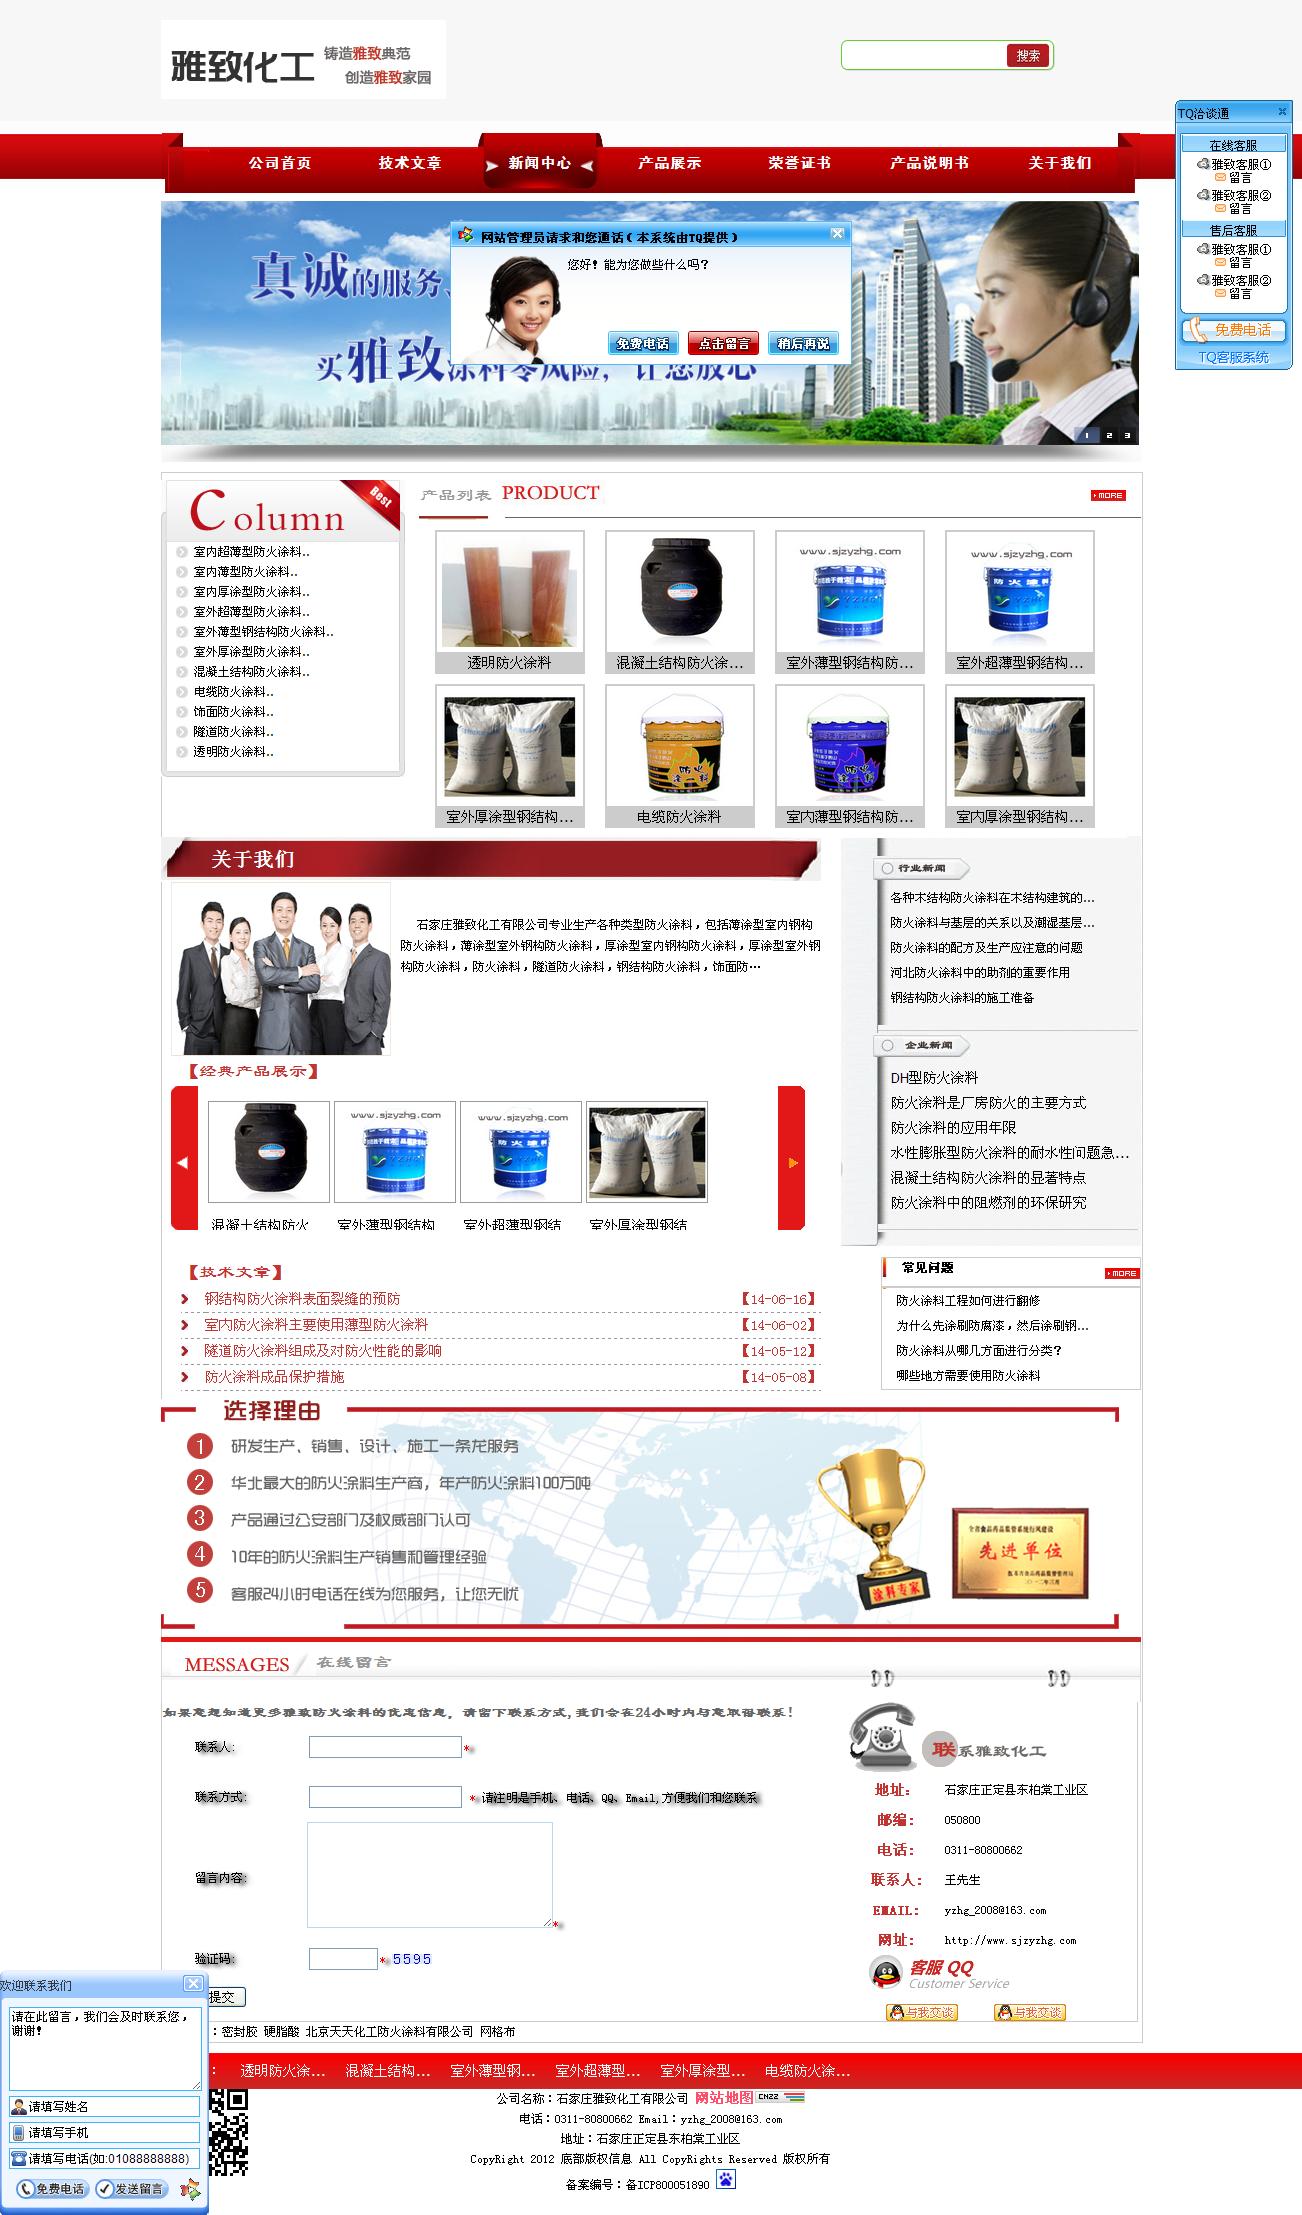 雅致化工产品网站和宣传网站建设